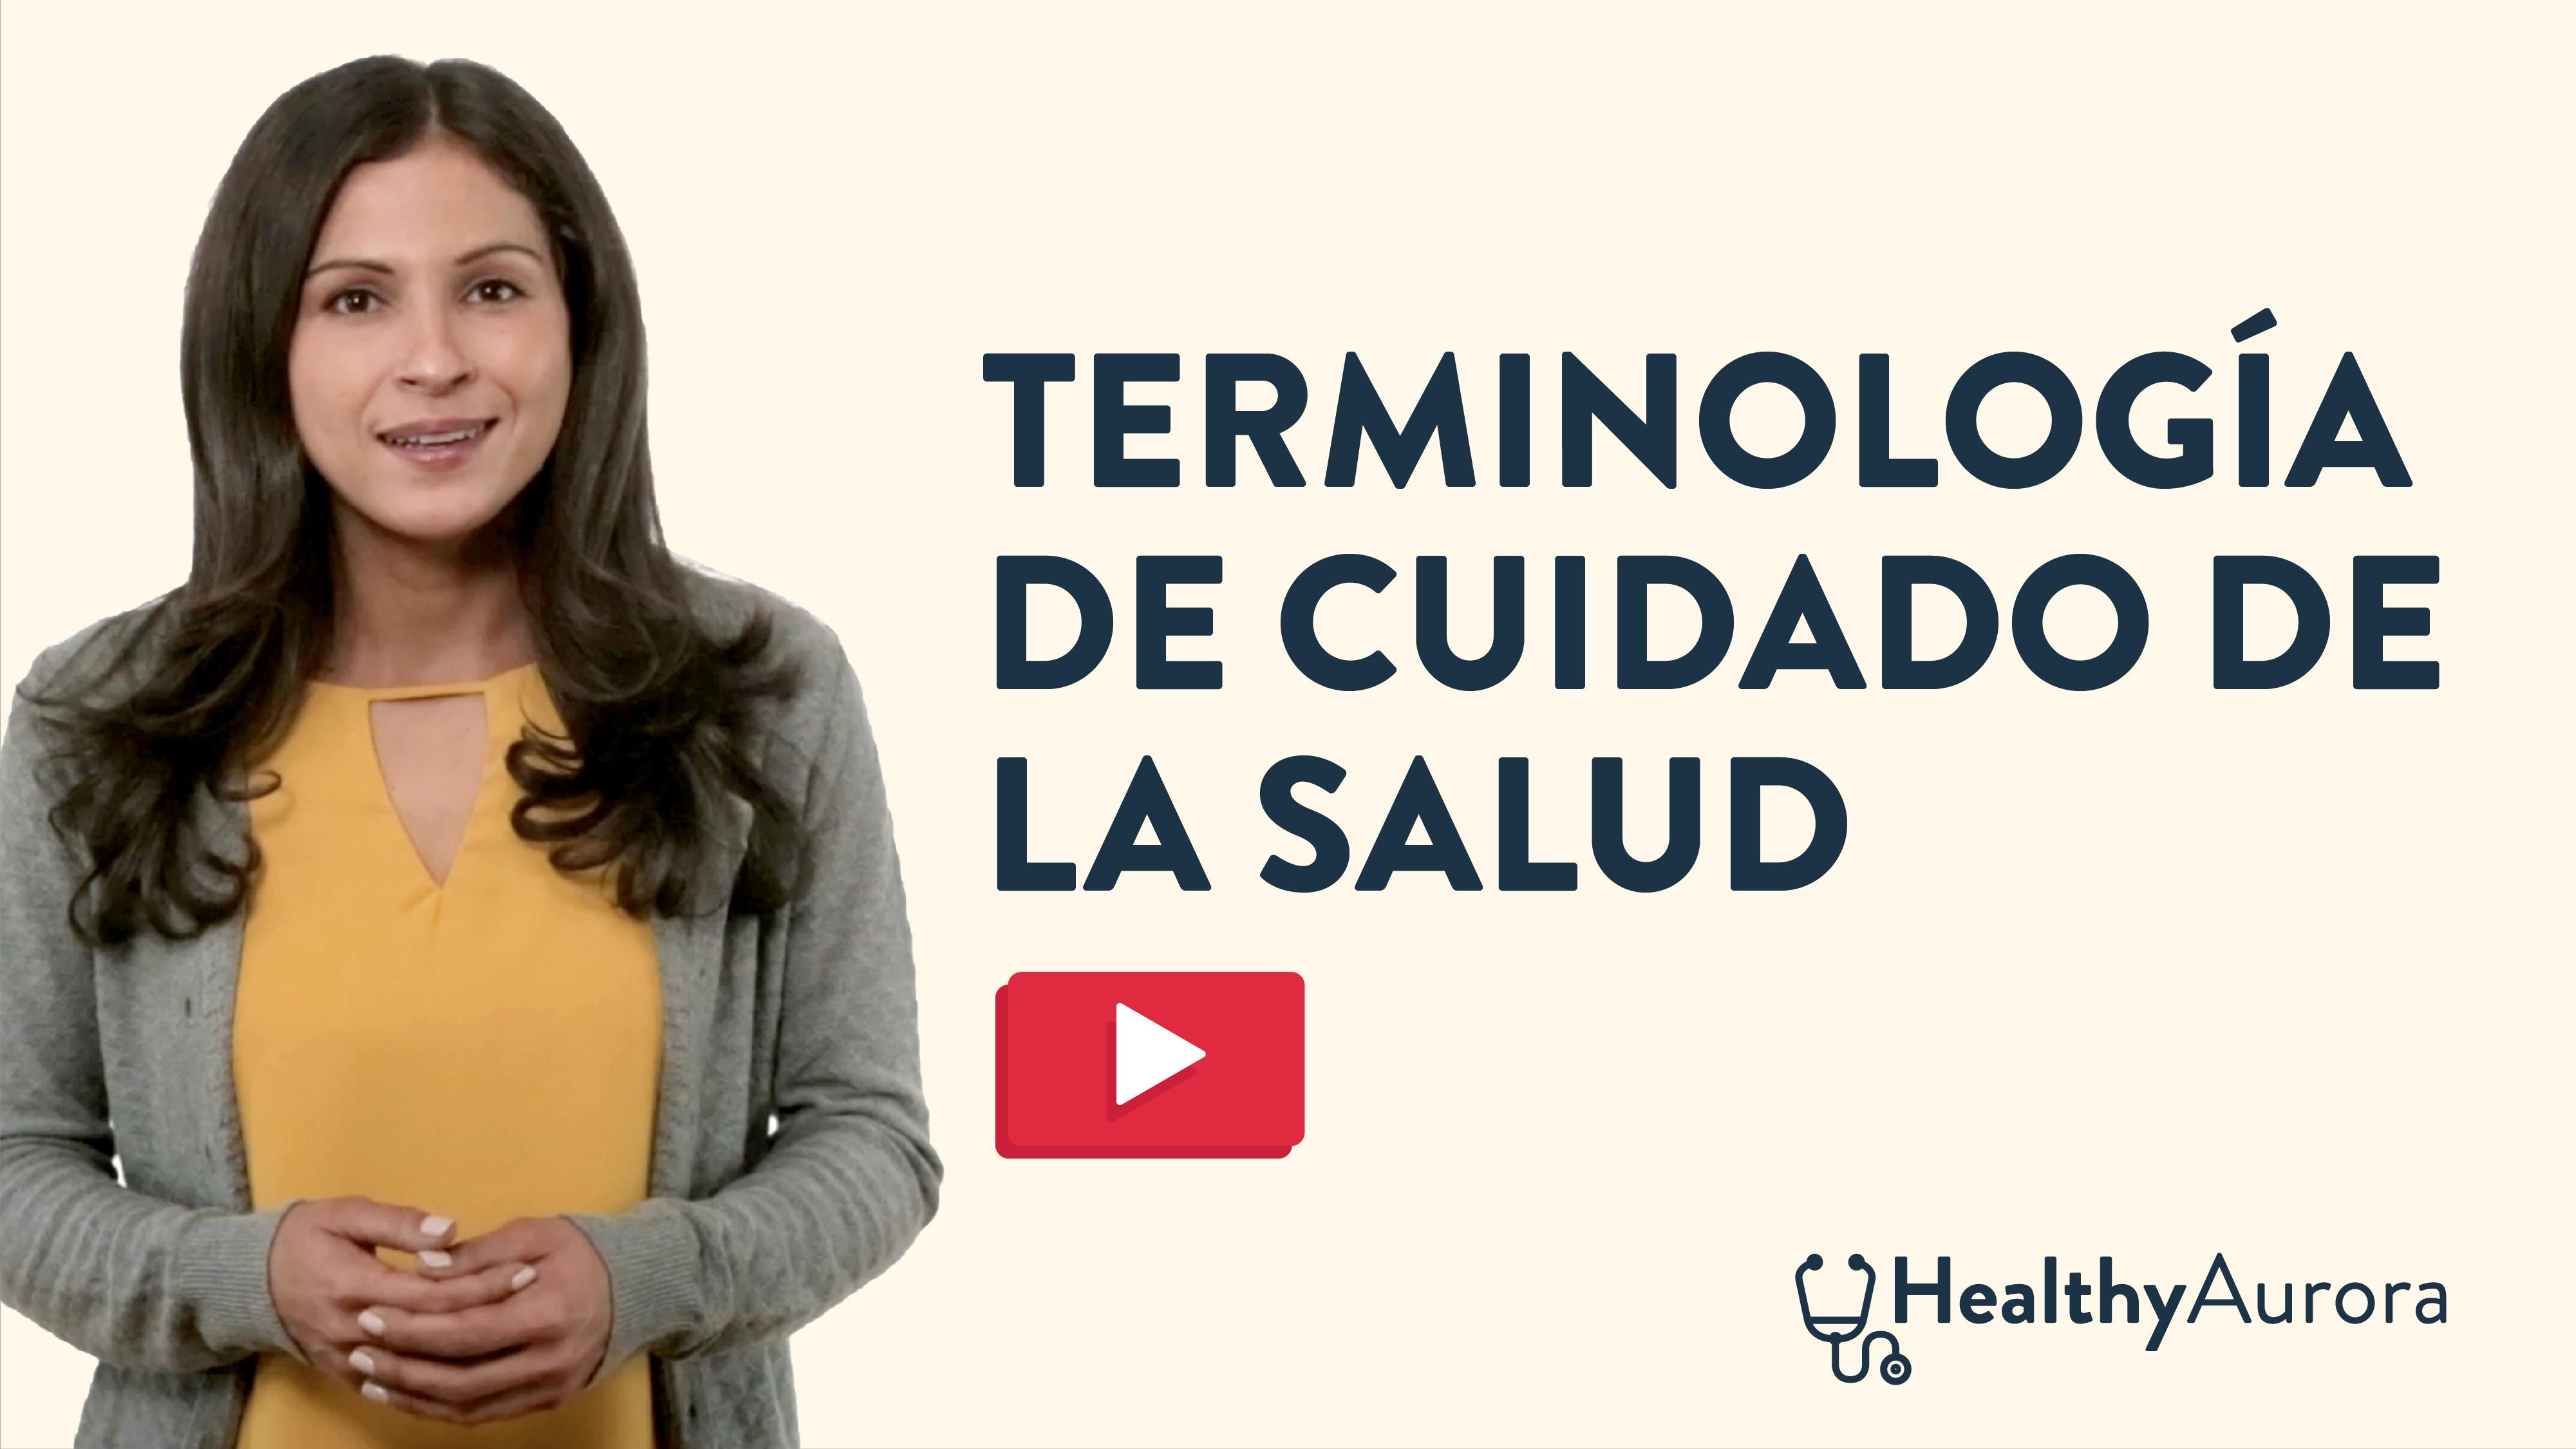 Terminologia Acerca de la Atencion Medica